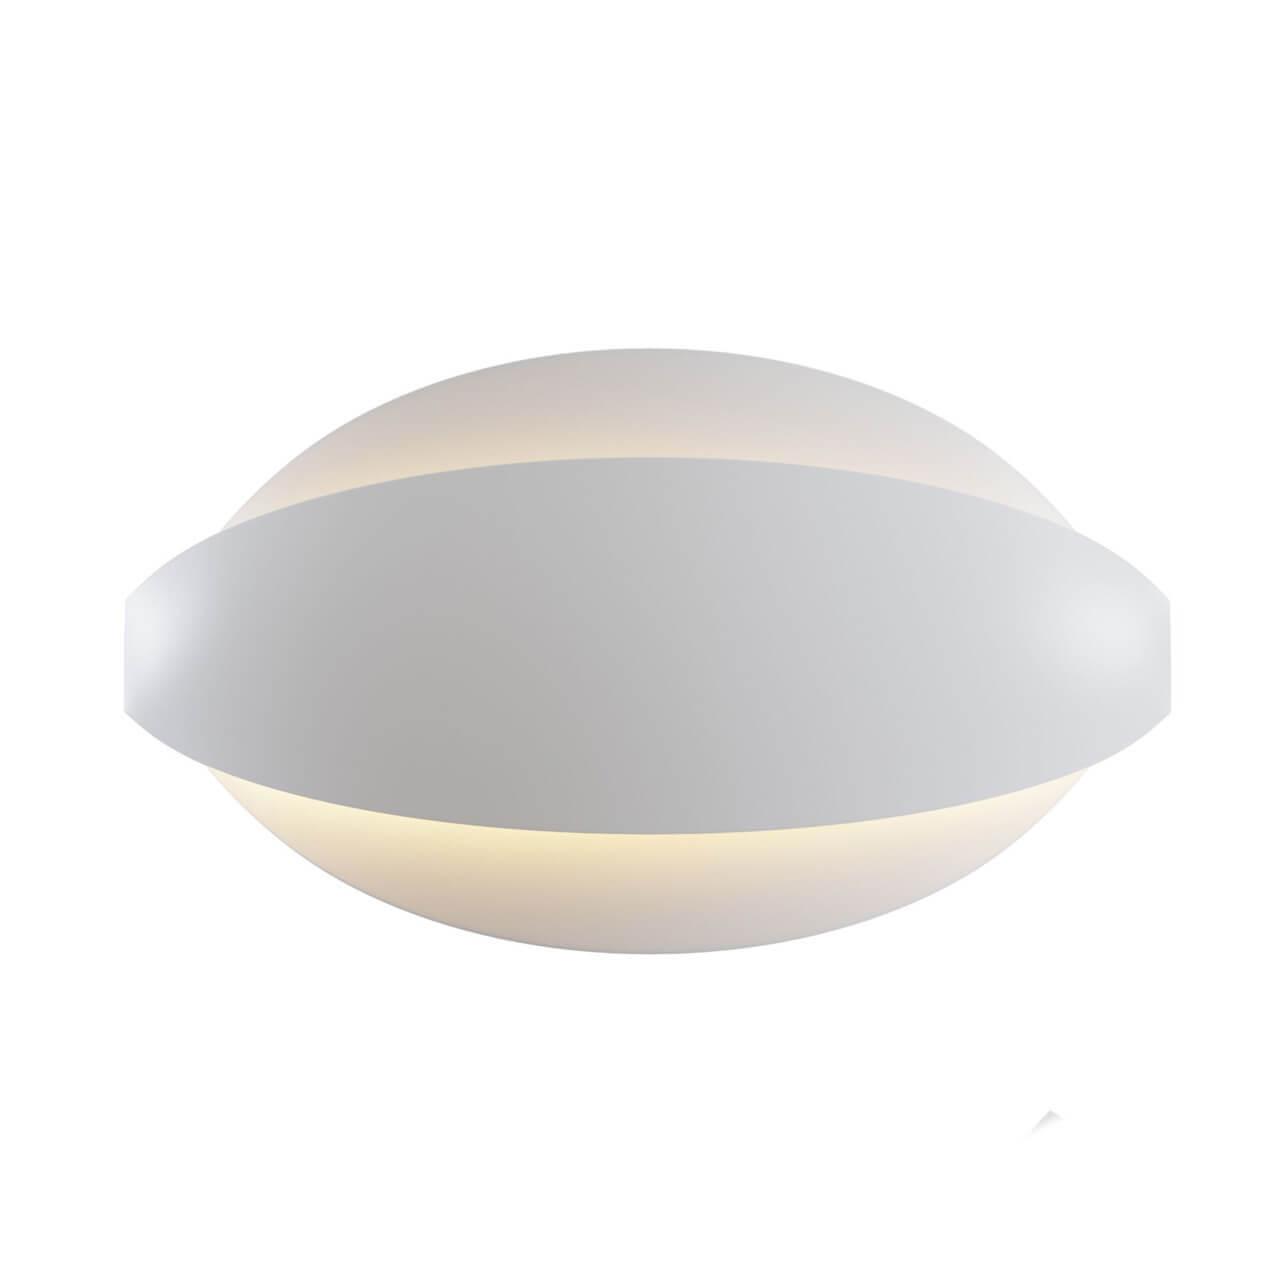 Светильник Maytoni C042WL-L13W3K Mirto цена 2017